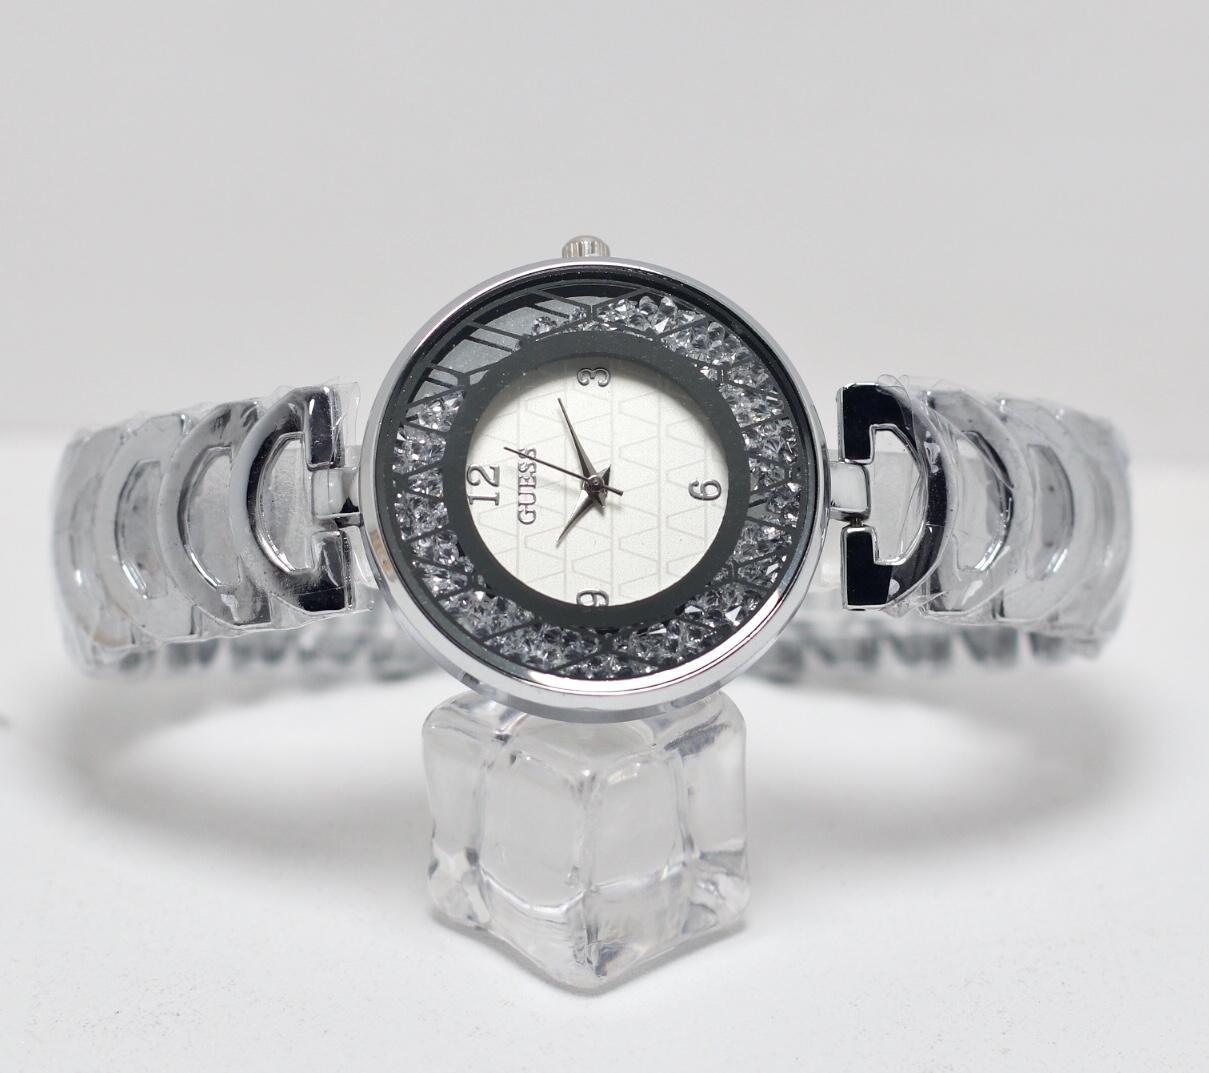 Jam Tangan Wanita Cewek Murah Guess Swarovski B126 Rantai Silver